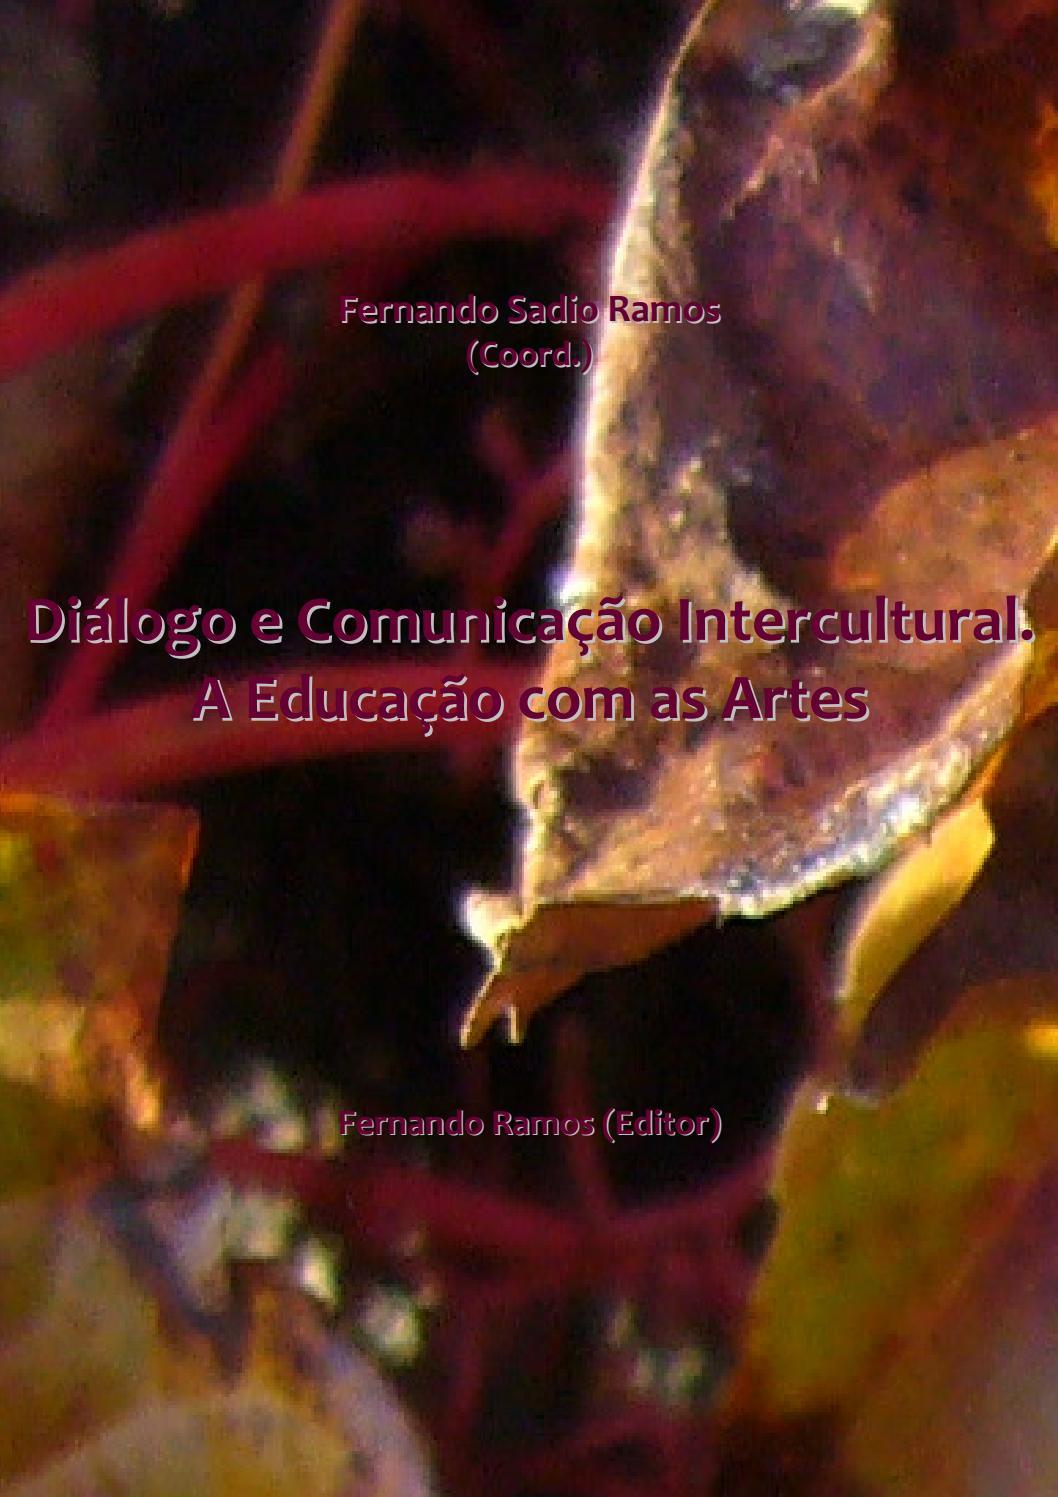 Dialogo e comunicacao intercultural by SIEMAI - Encontro de Primavera -  SIMPÓSIO DEDiCA EDUCAÇÃO E HUMANIDADES - issuu 0472cd484c9